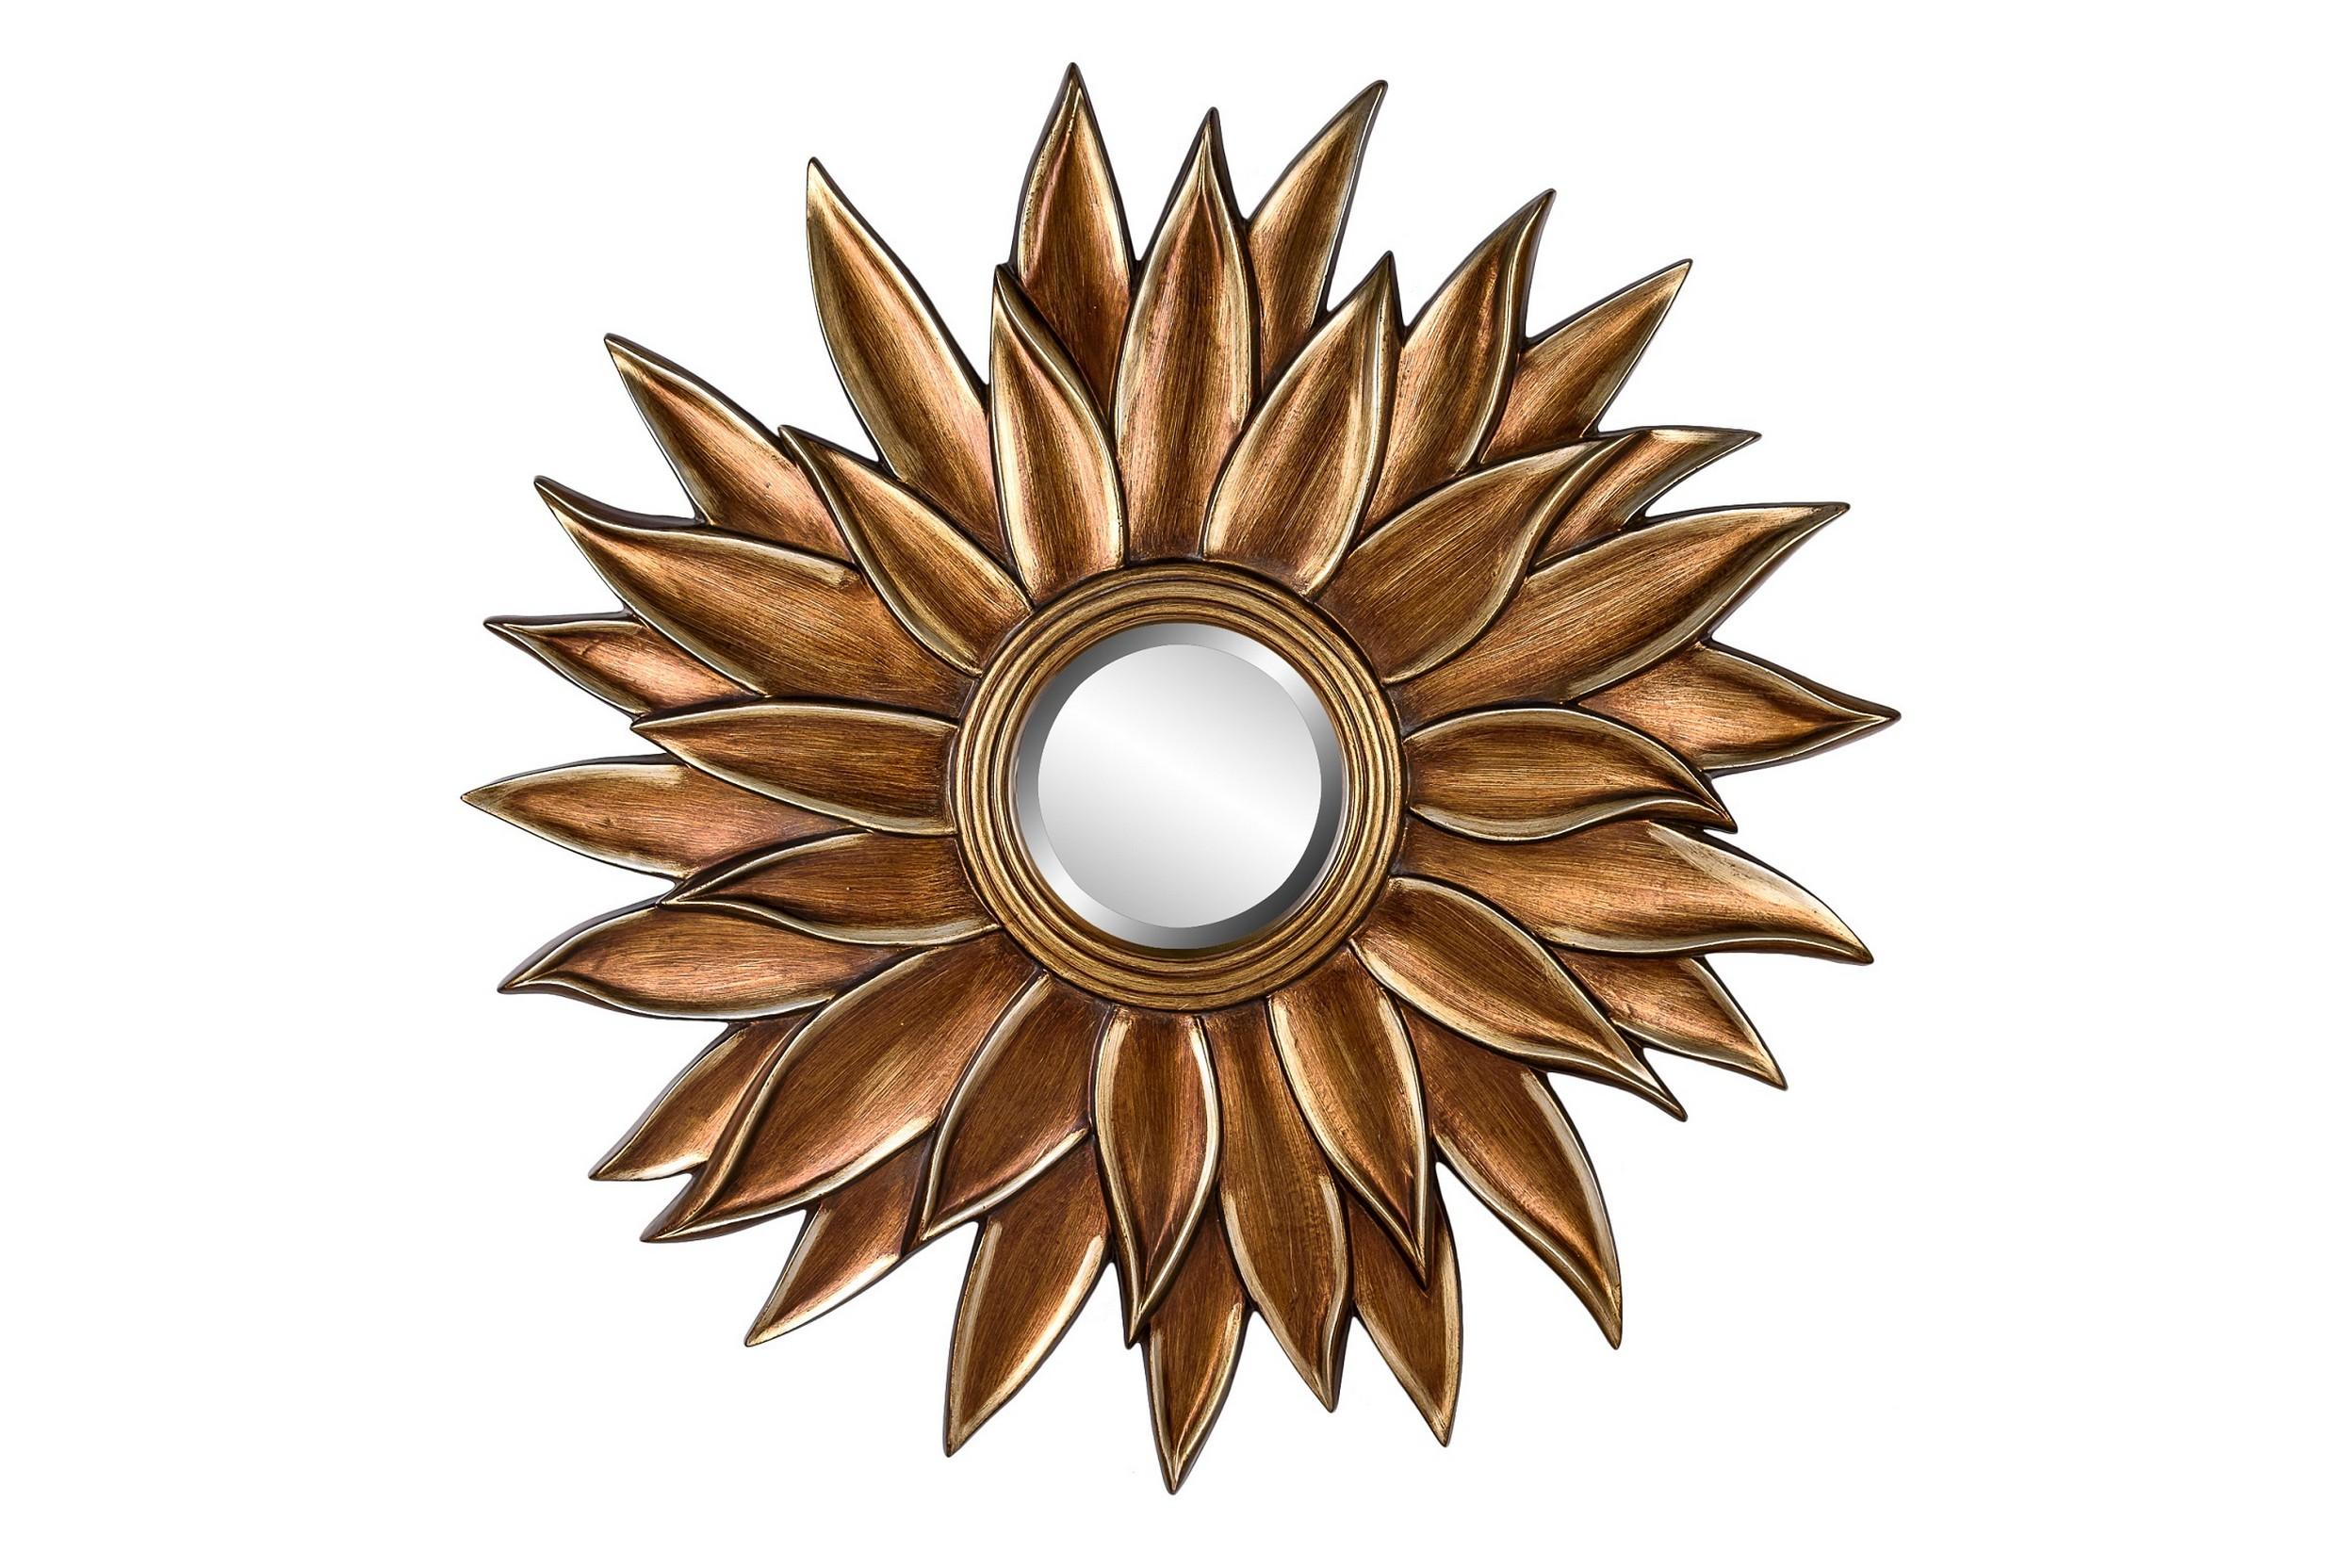 Зеркало PeonyНастенные зеркала<br>Великолепное декоративное зеркало Peony в раме бронзового цвета - настоящий арт-объект! Такое зеркало можно разместить в спальне над комодом, в гостиной над камином или консолью, в прихожей или в спальне - словом, оригинальный предмет декора украсит собой любое помещение!&amp;amp;nbsp;&amp;lt;div&amp;gt;&amp;amp;nbsp;Цвет: Бронза<br>Материал: Полиуретан&amp;lt;/div&amp;gt;<br><br>Material: Пластик<br>Depth см: 4<br>Diameter см: 102